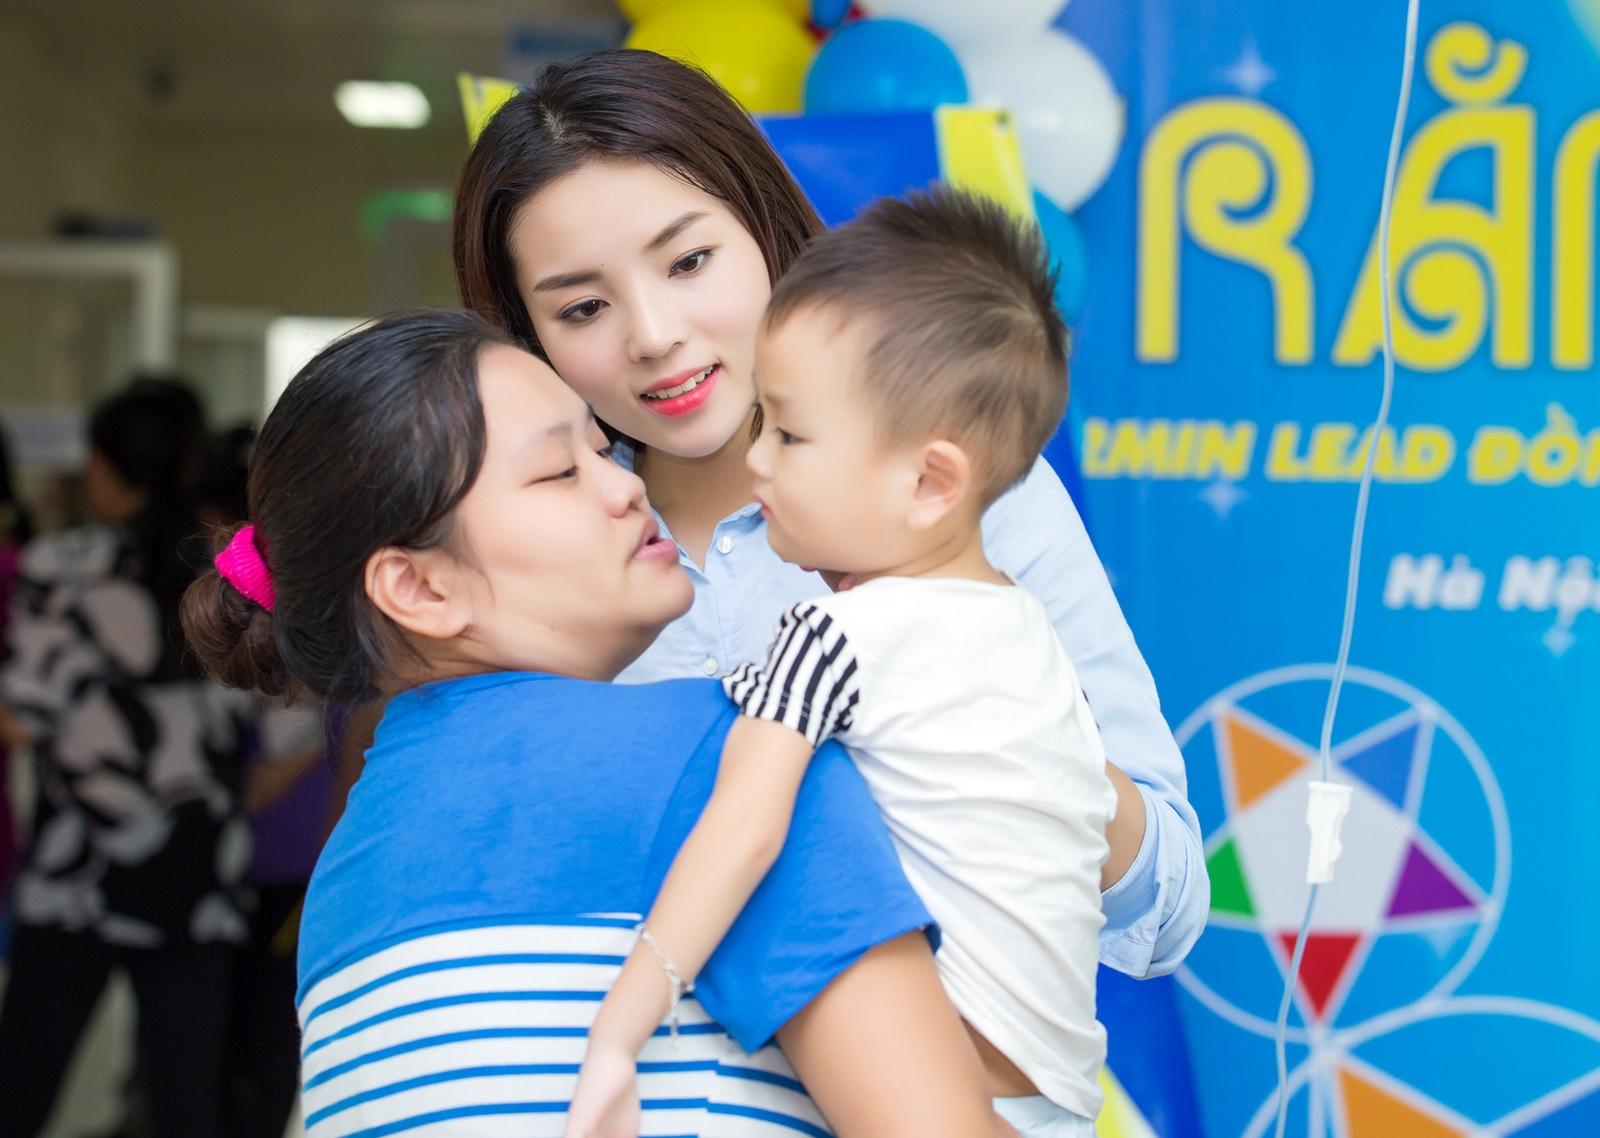 Hoa hậu Kỳ Duyên mang niềm vui đến bệnh nhi tại Hà Nội